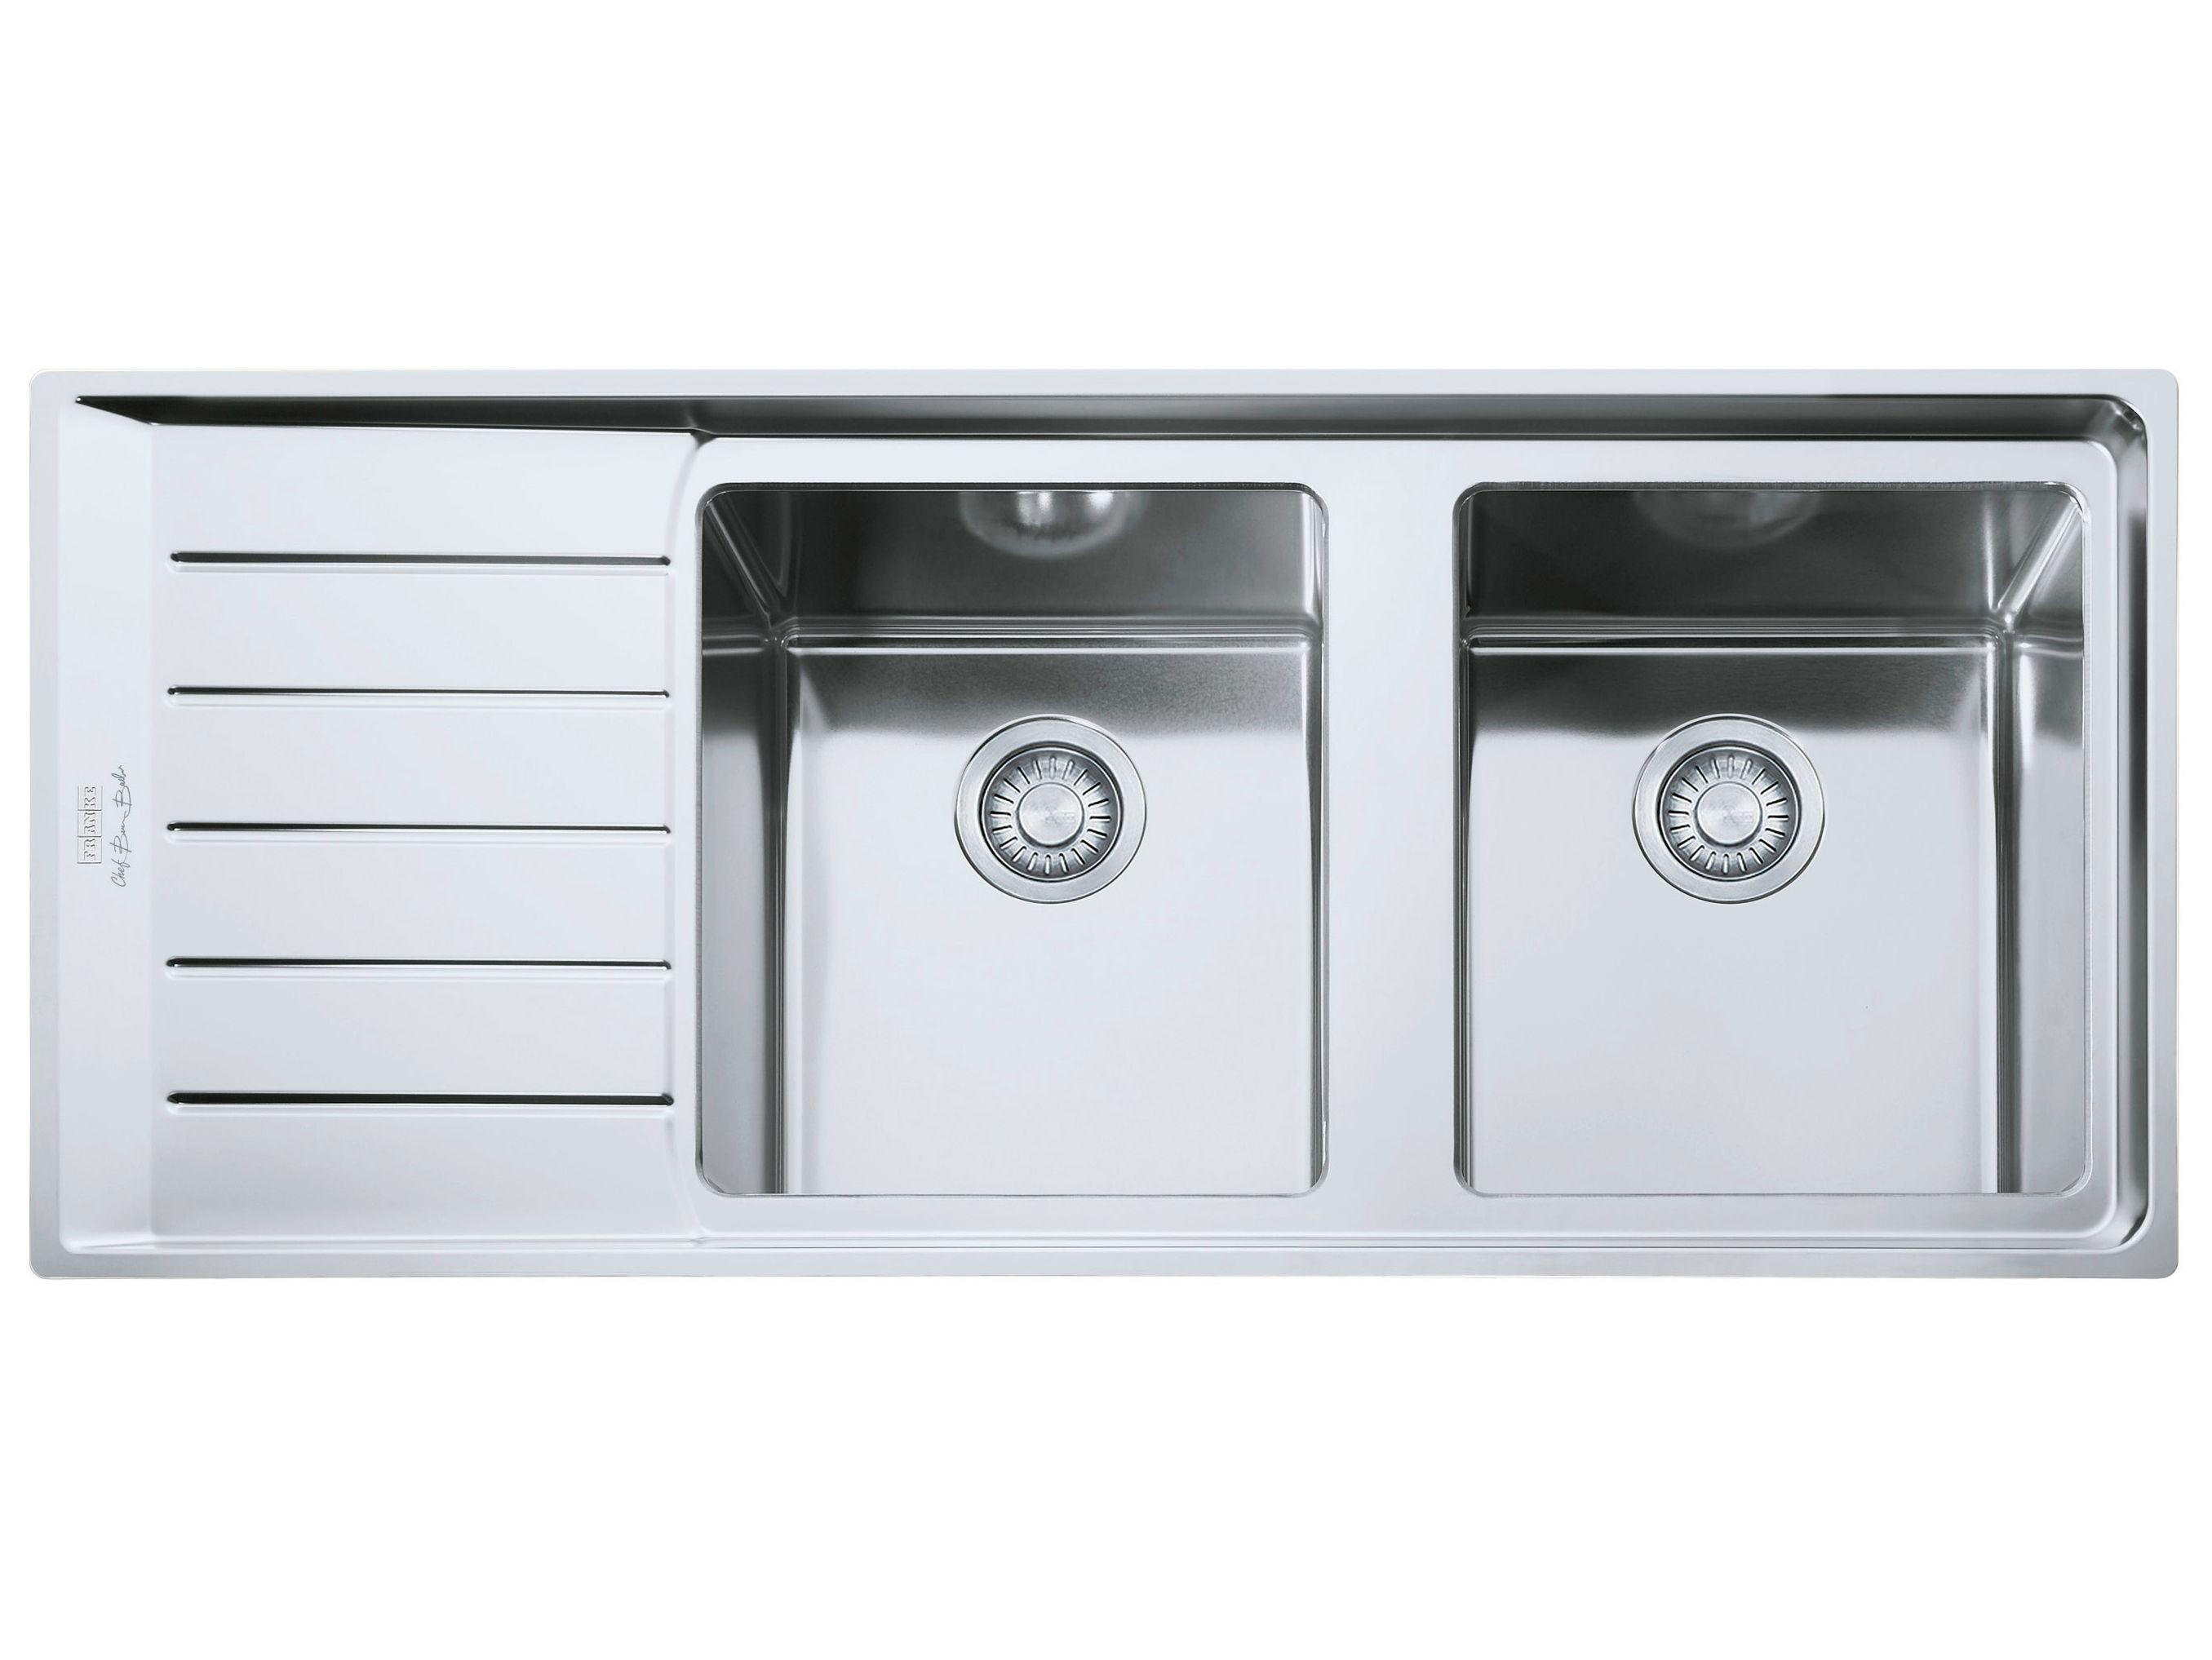 NEPTUNE PLUS Lavello a 2 vasche by FRANKE design Bruno Barbieri ...